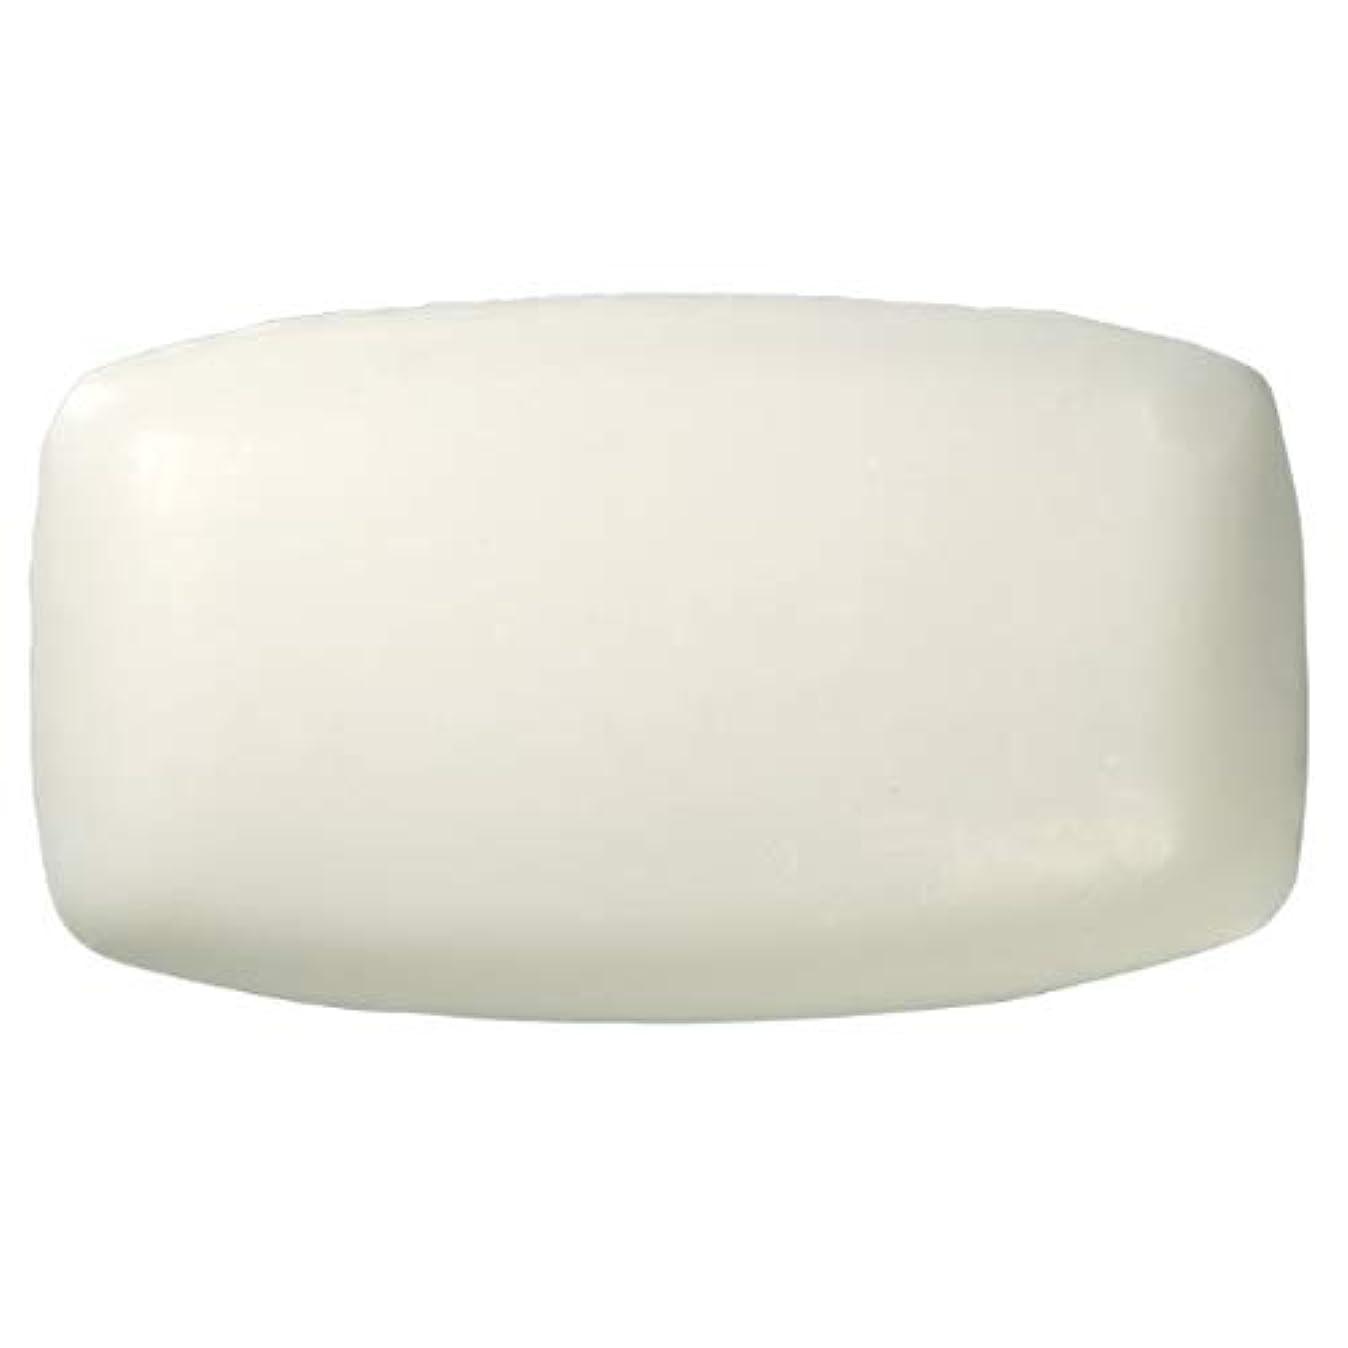 ステッチ自動的に値するフィードソープ(FFID SOAP) 白袋(OP袋) 120g ×30個 | ホテルアメニティ 個包装